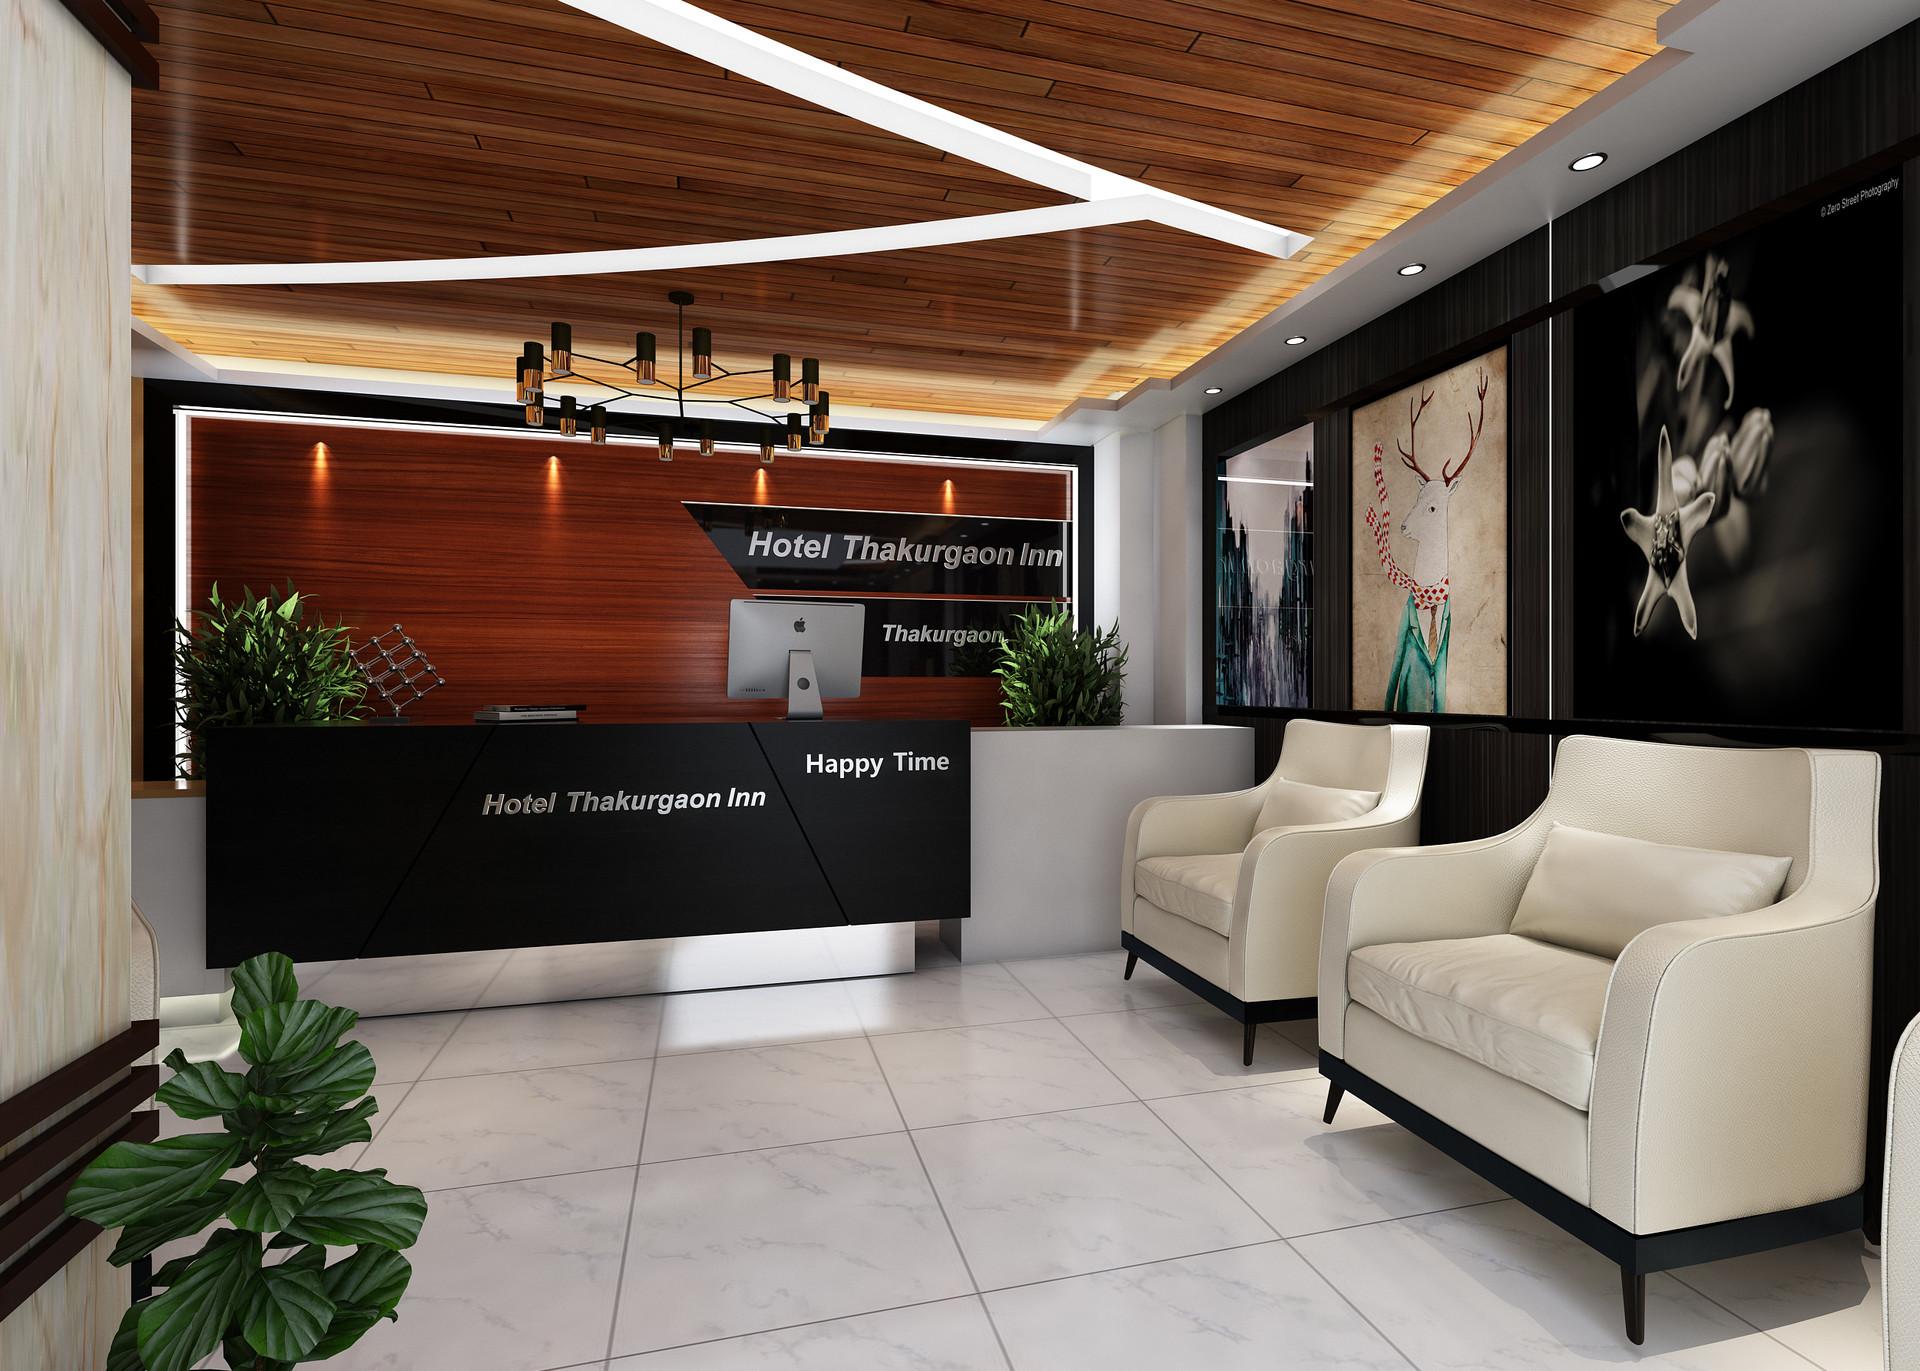 Artstation Hotel Reception Interior Design Arafatul Islam Shakkhor